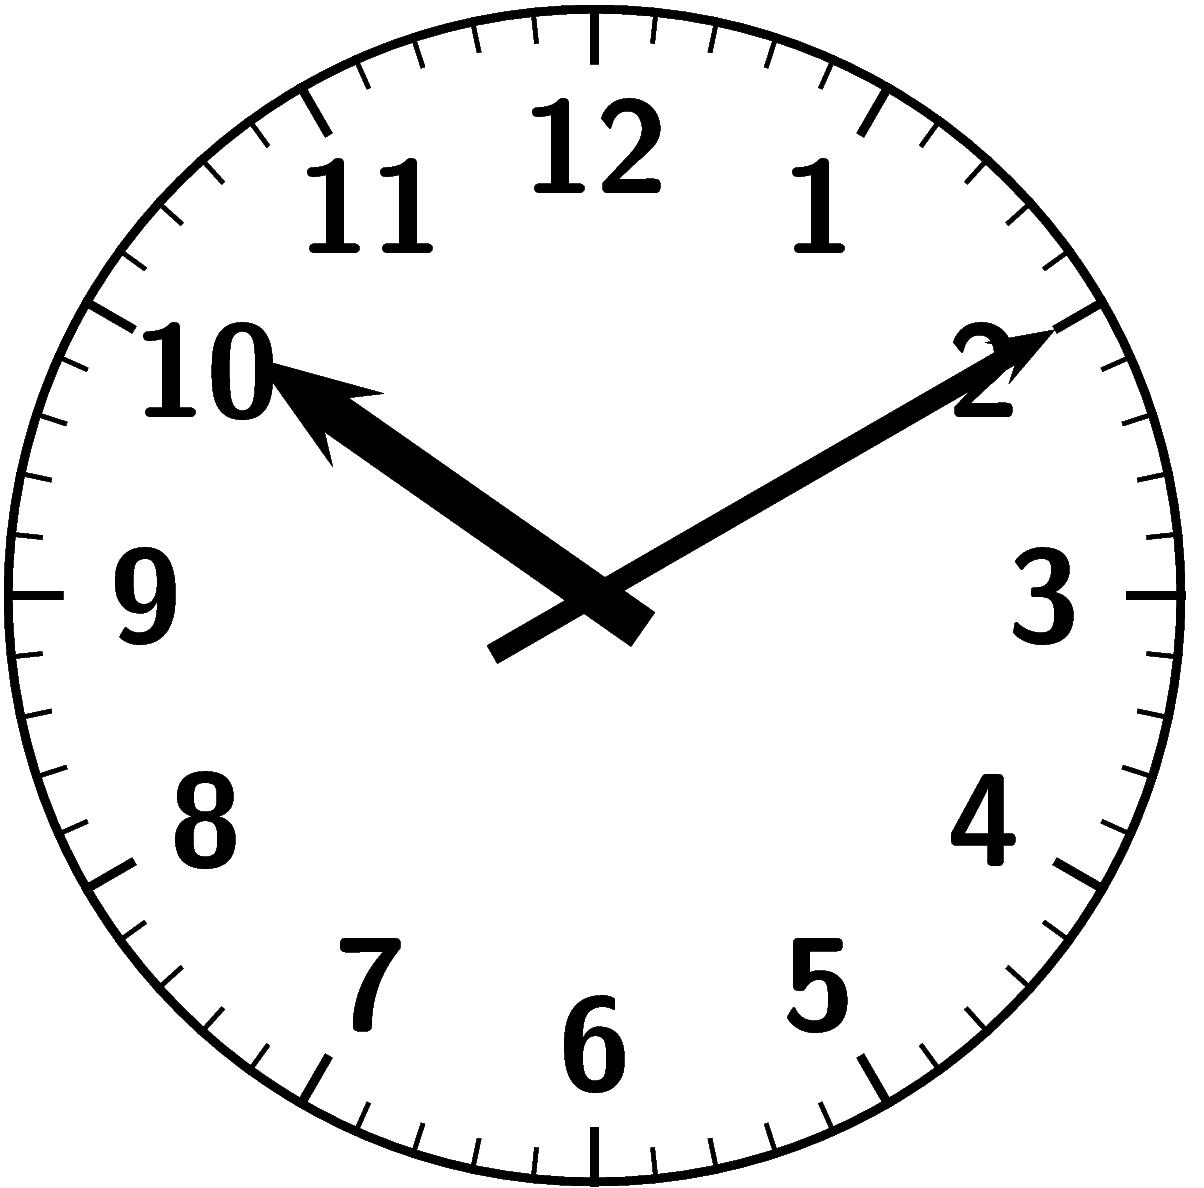 おすすめの懐中時計ランキングトップ3とメーカー …